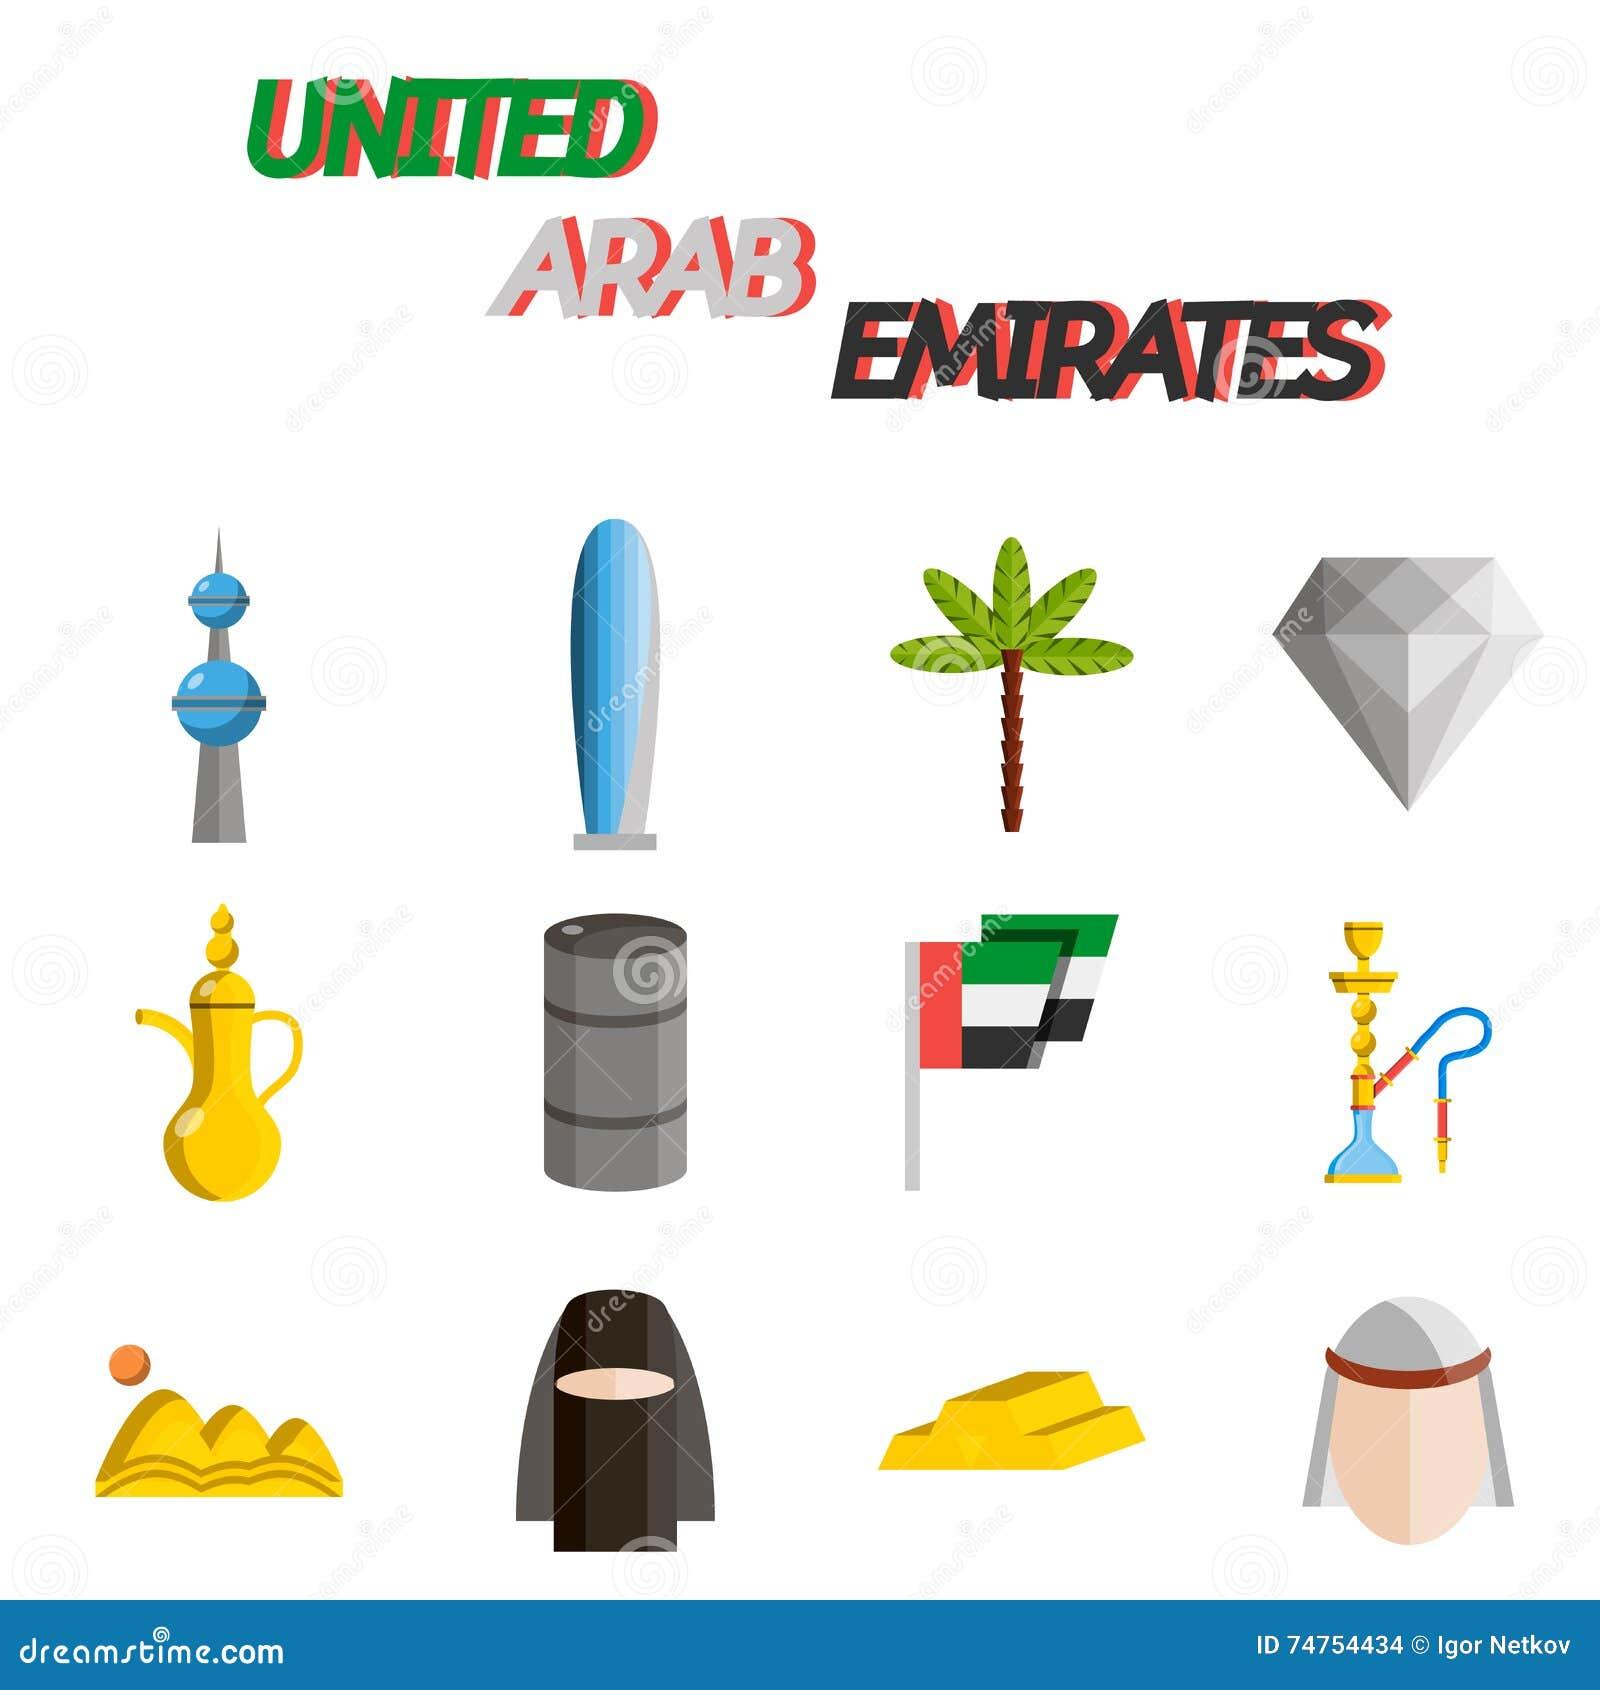 United arab emirates flat icon set stock vector illustration of united arab emirates flat icon set biocorpaavc Images